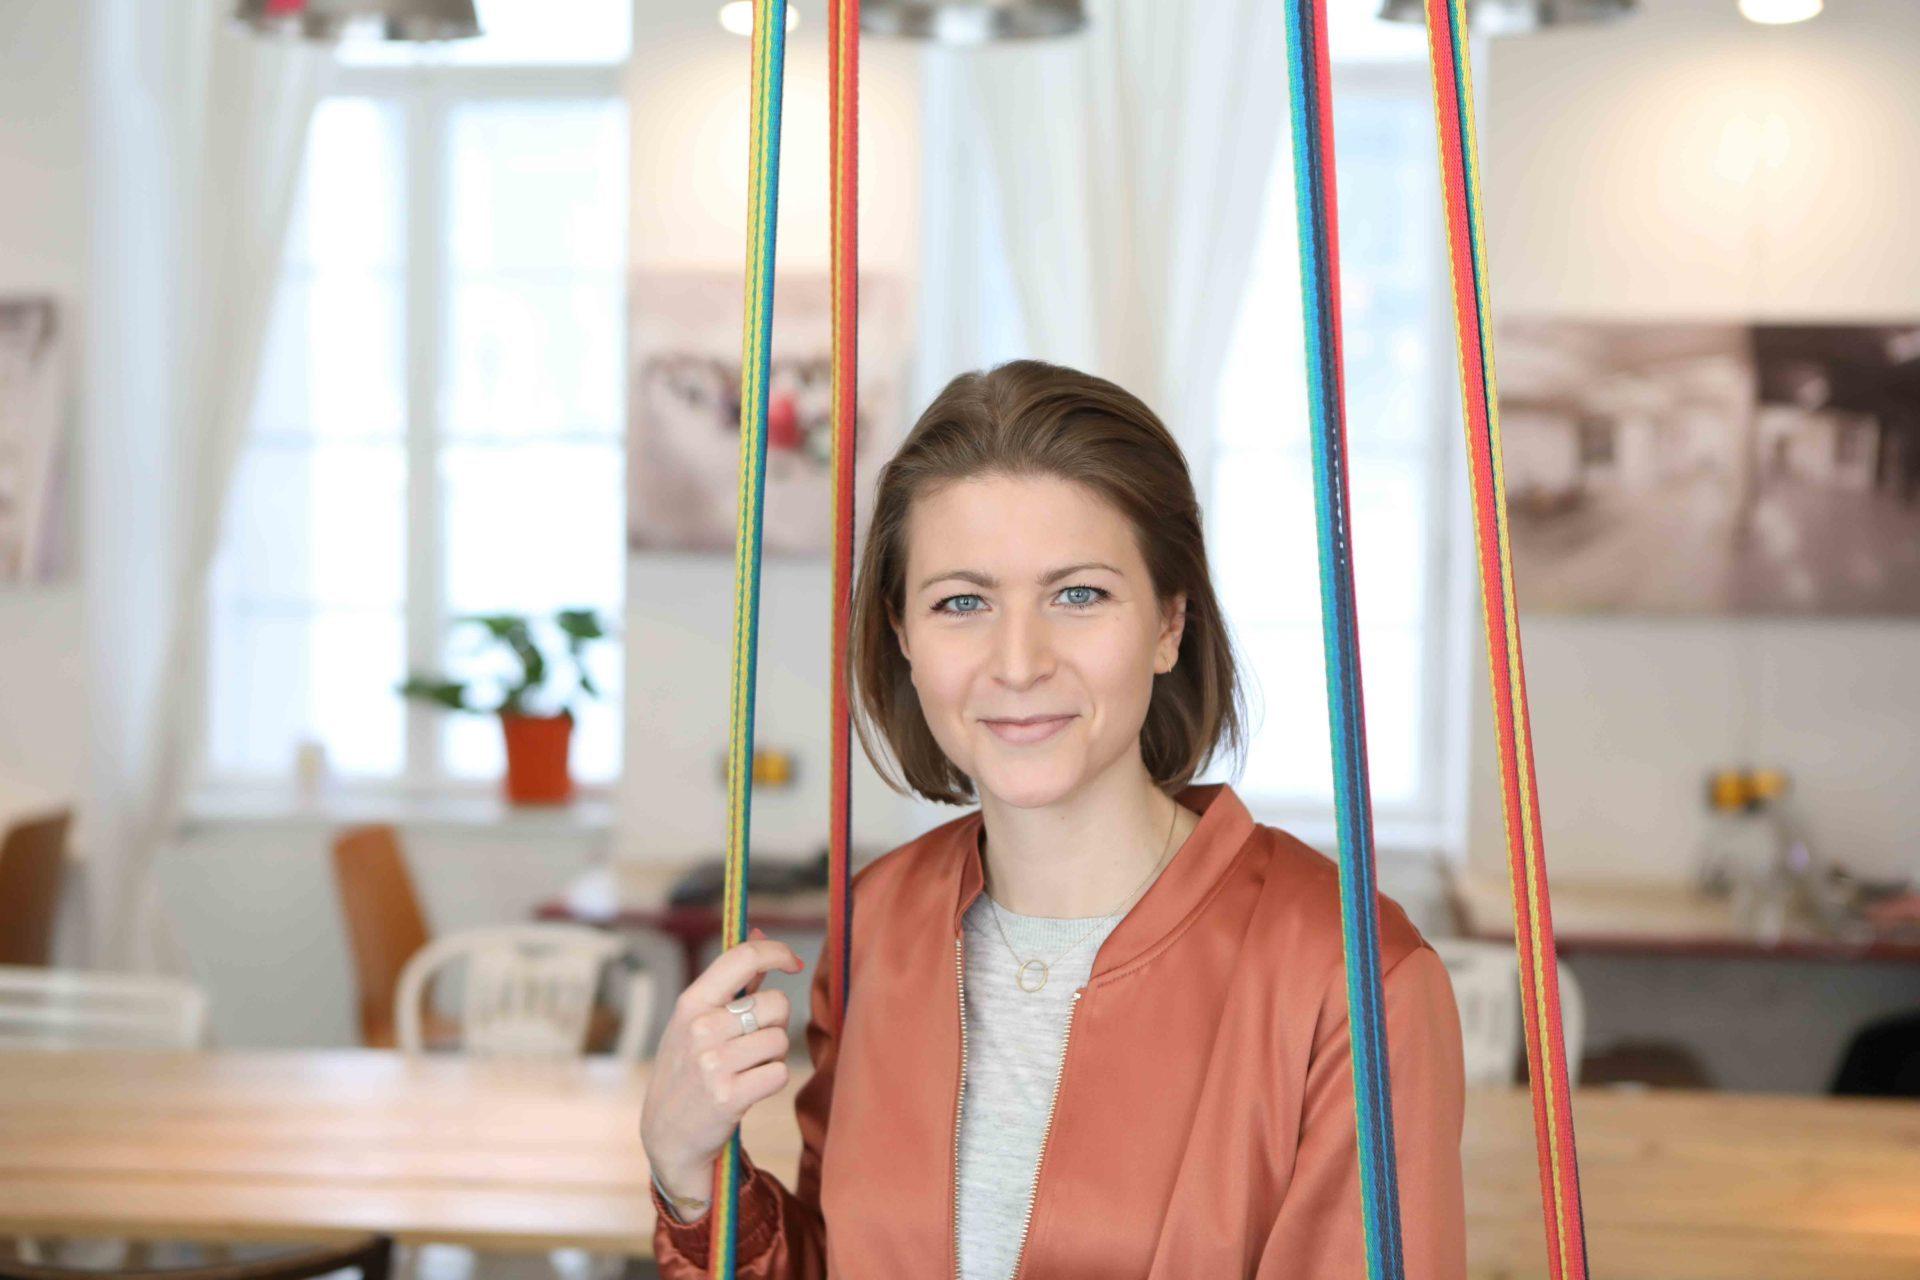 Agentur Mosaik, Katharina Moser, Europäerin